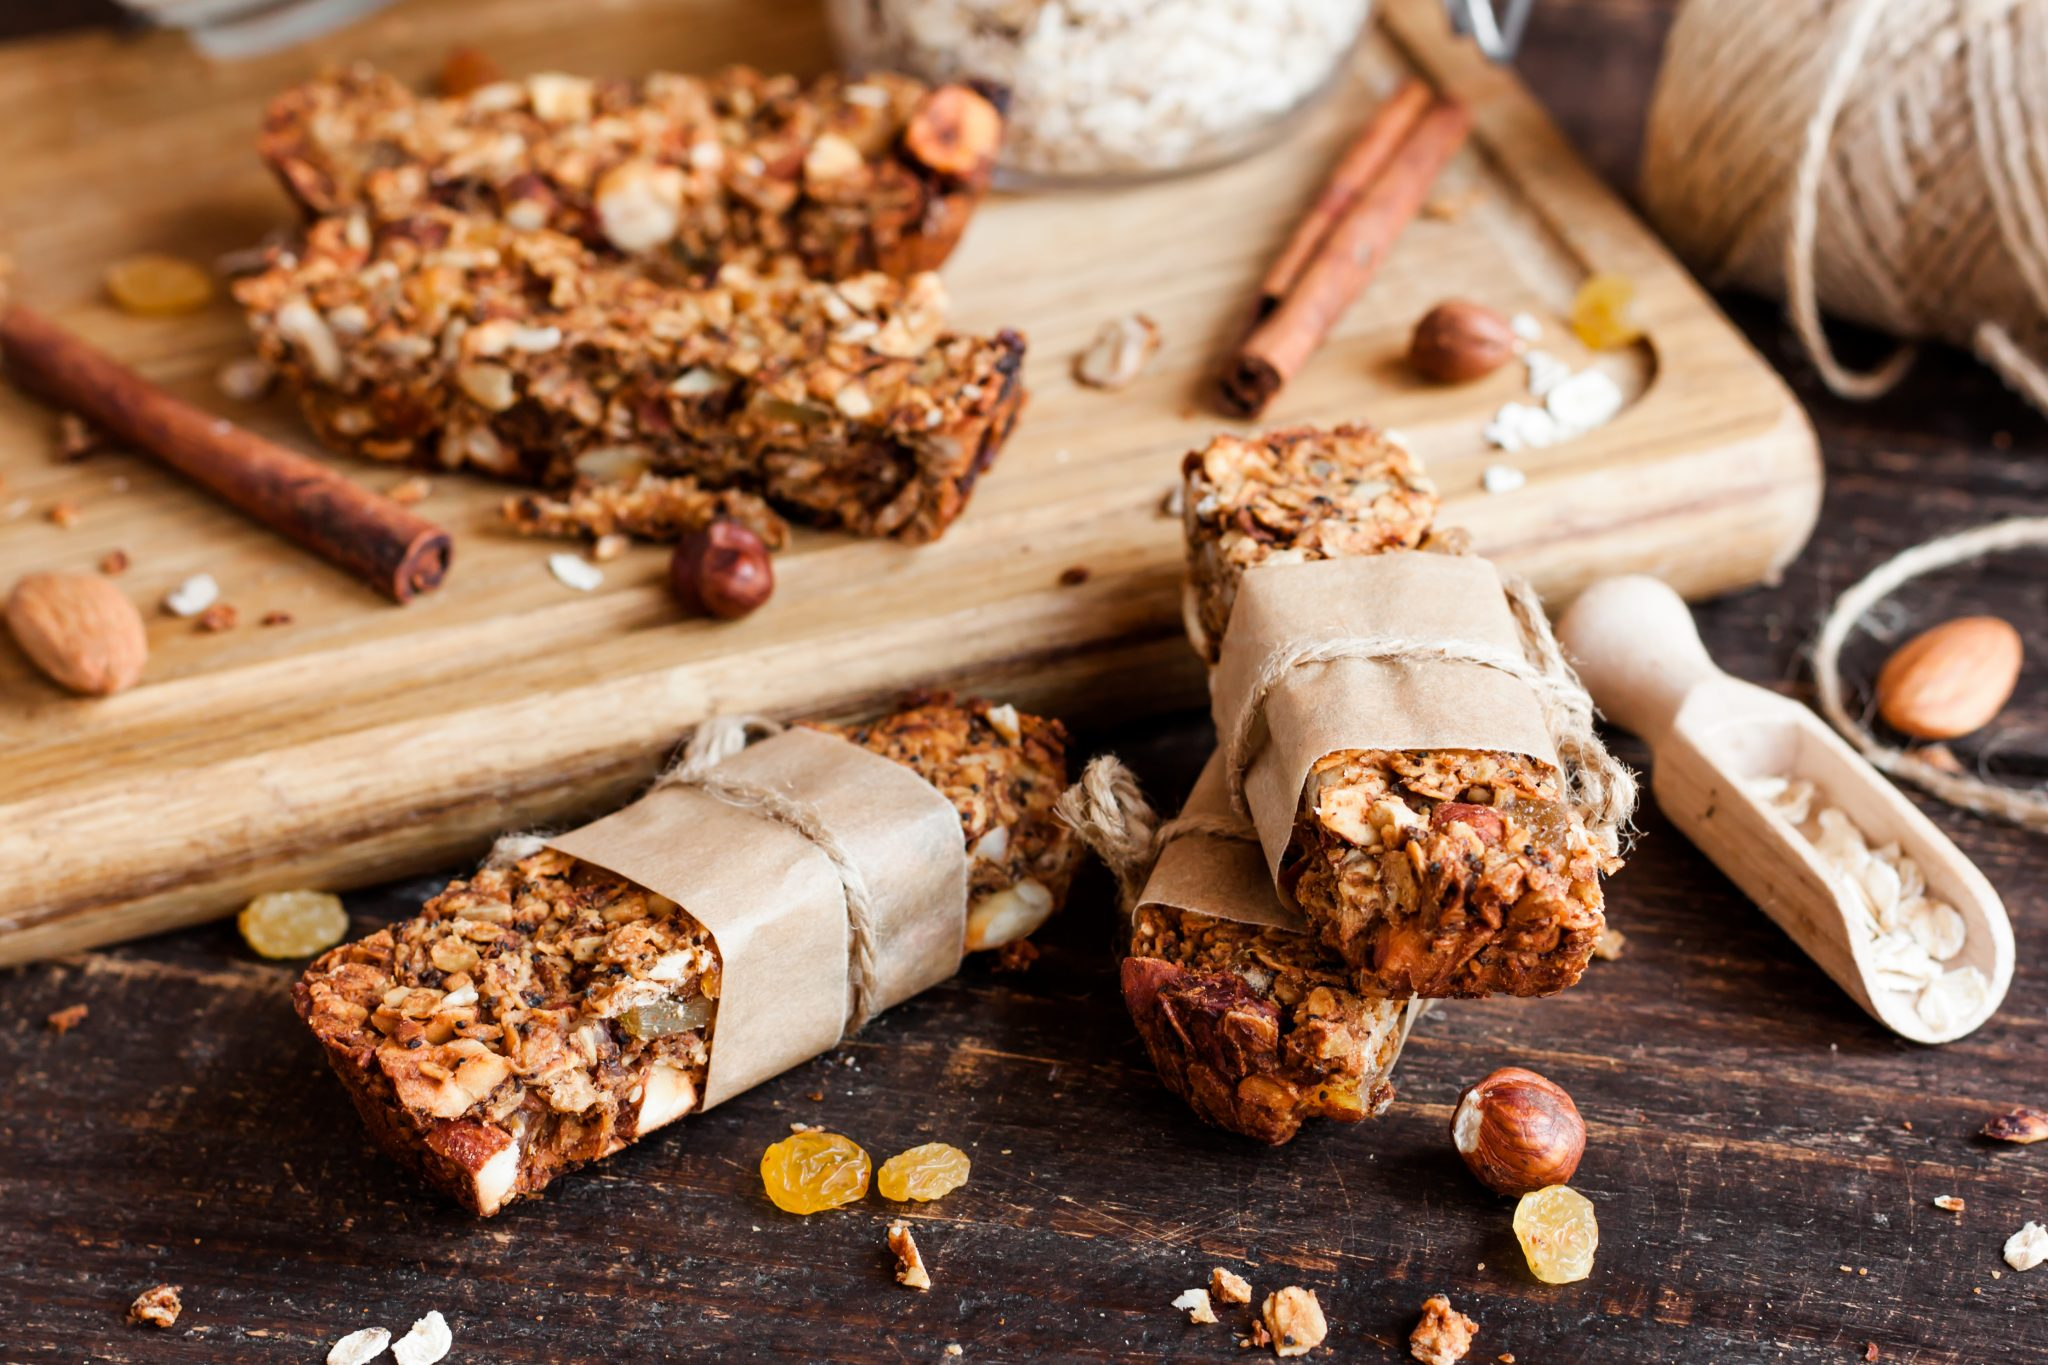 Barras de cereal caseiras: aprenda três receitas com